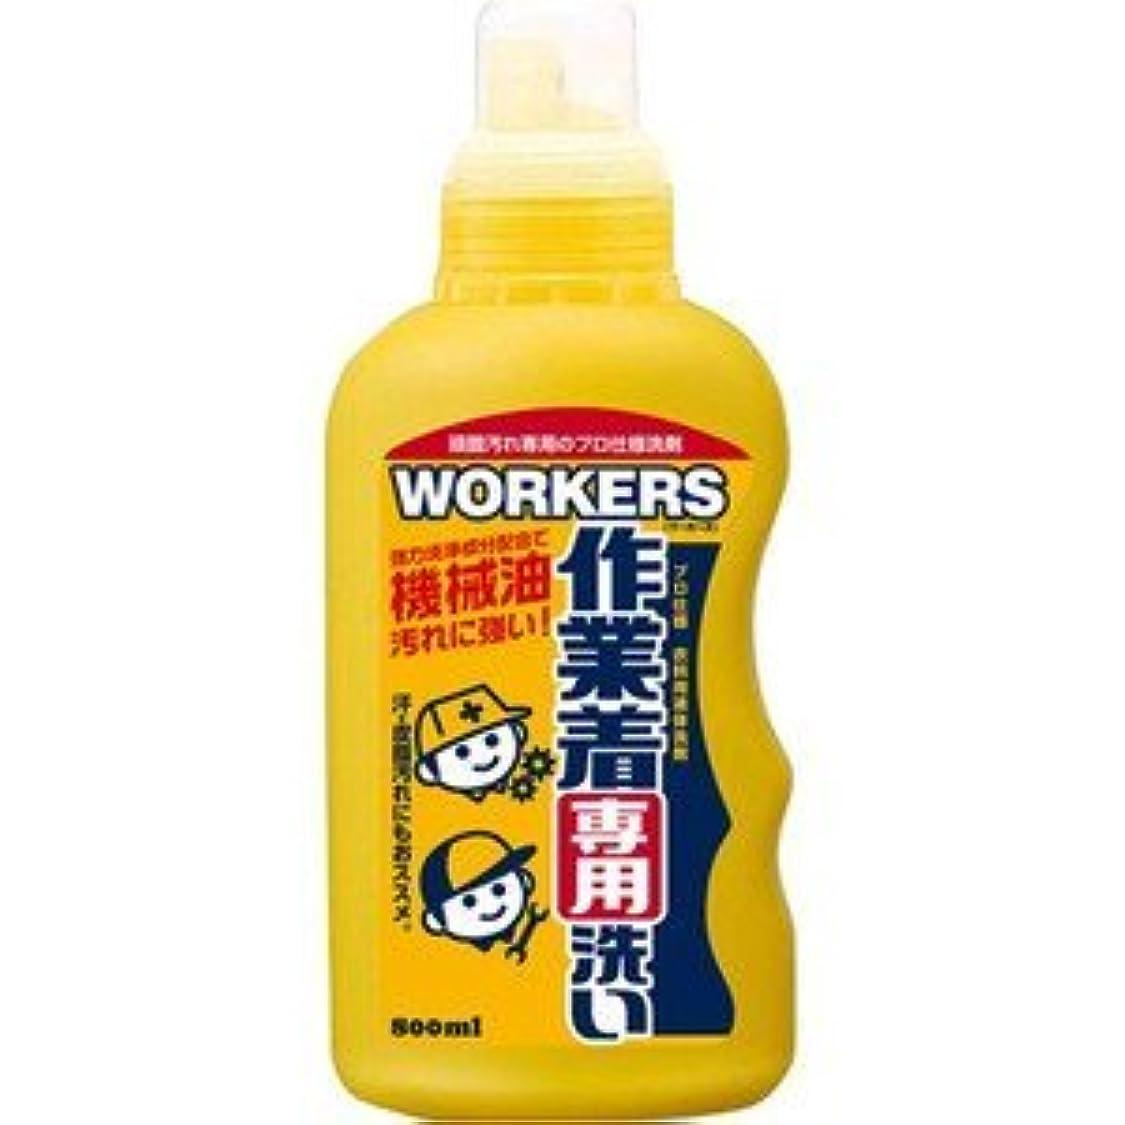 人種男らしい(NSファーファ?ジャパン)WORKERS 作業着液体洗剤 本体 800ml(お買い得3個セット)